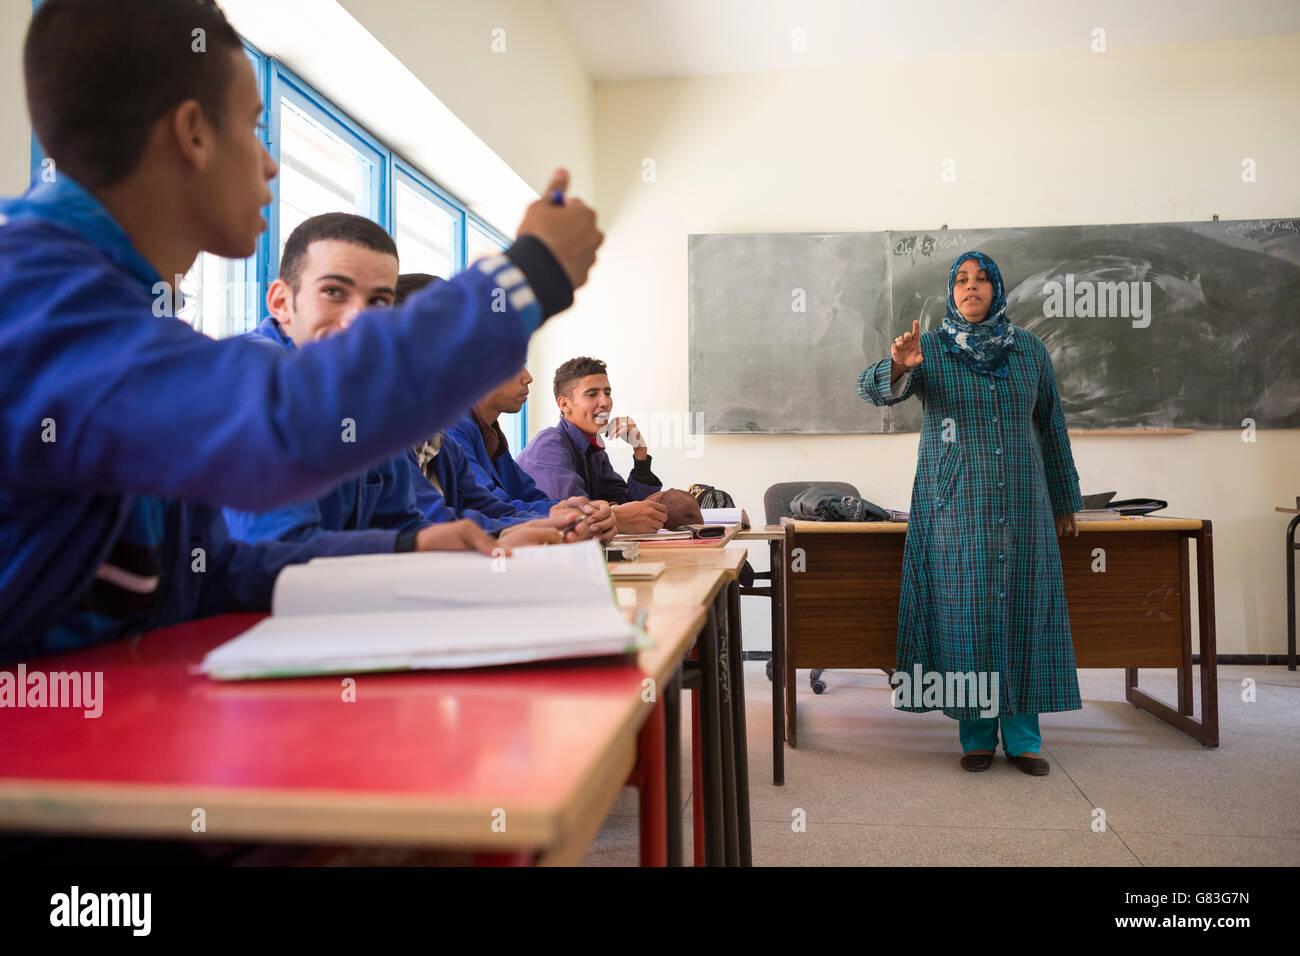 Schüler lernen in einer Berufsausbildung in Agadir, Marokko. Stockbild